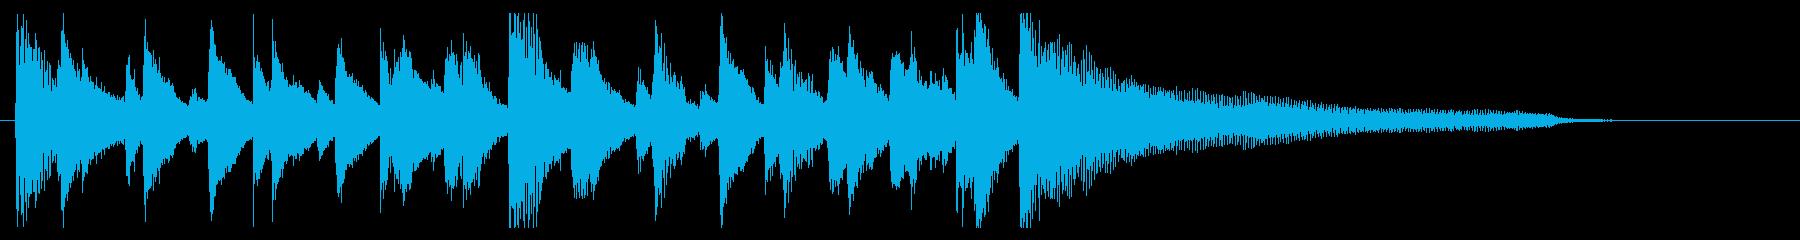 【ベース抜き】陽気オシャレ!ジャズロゴ!の再生済みの波形